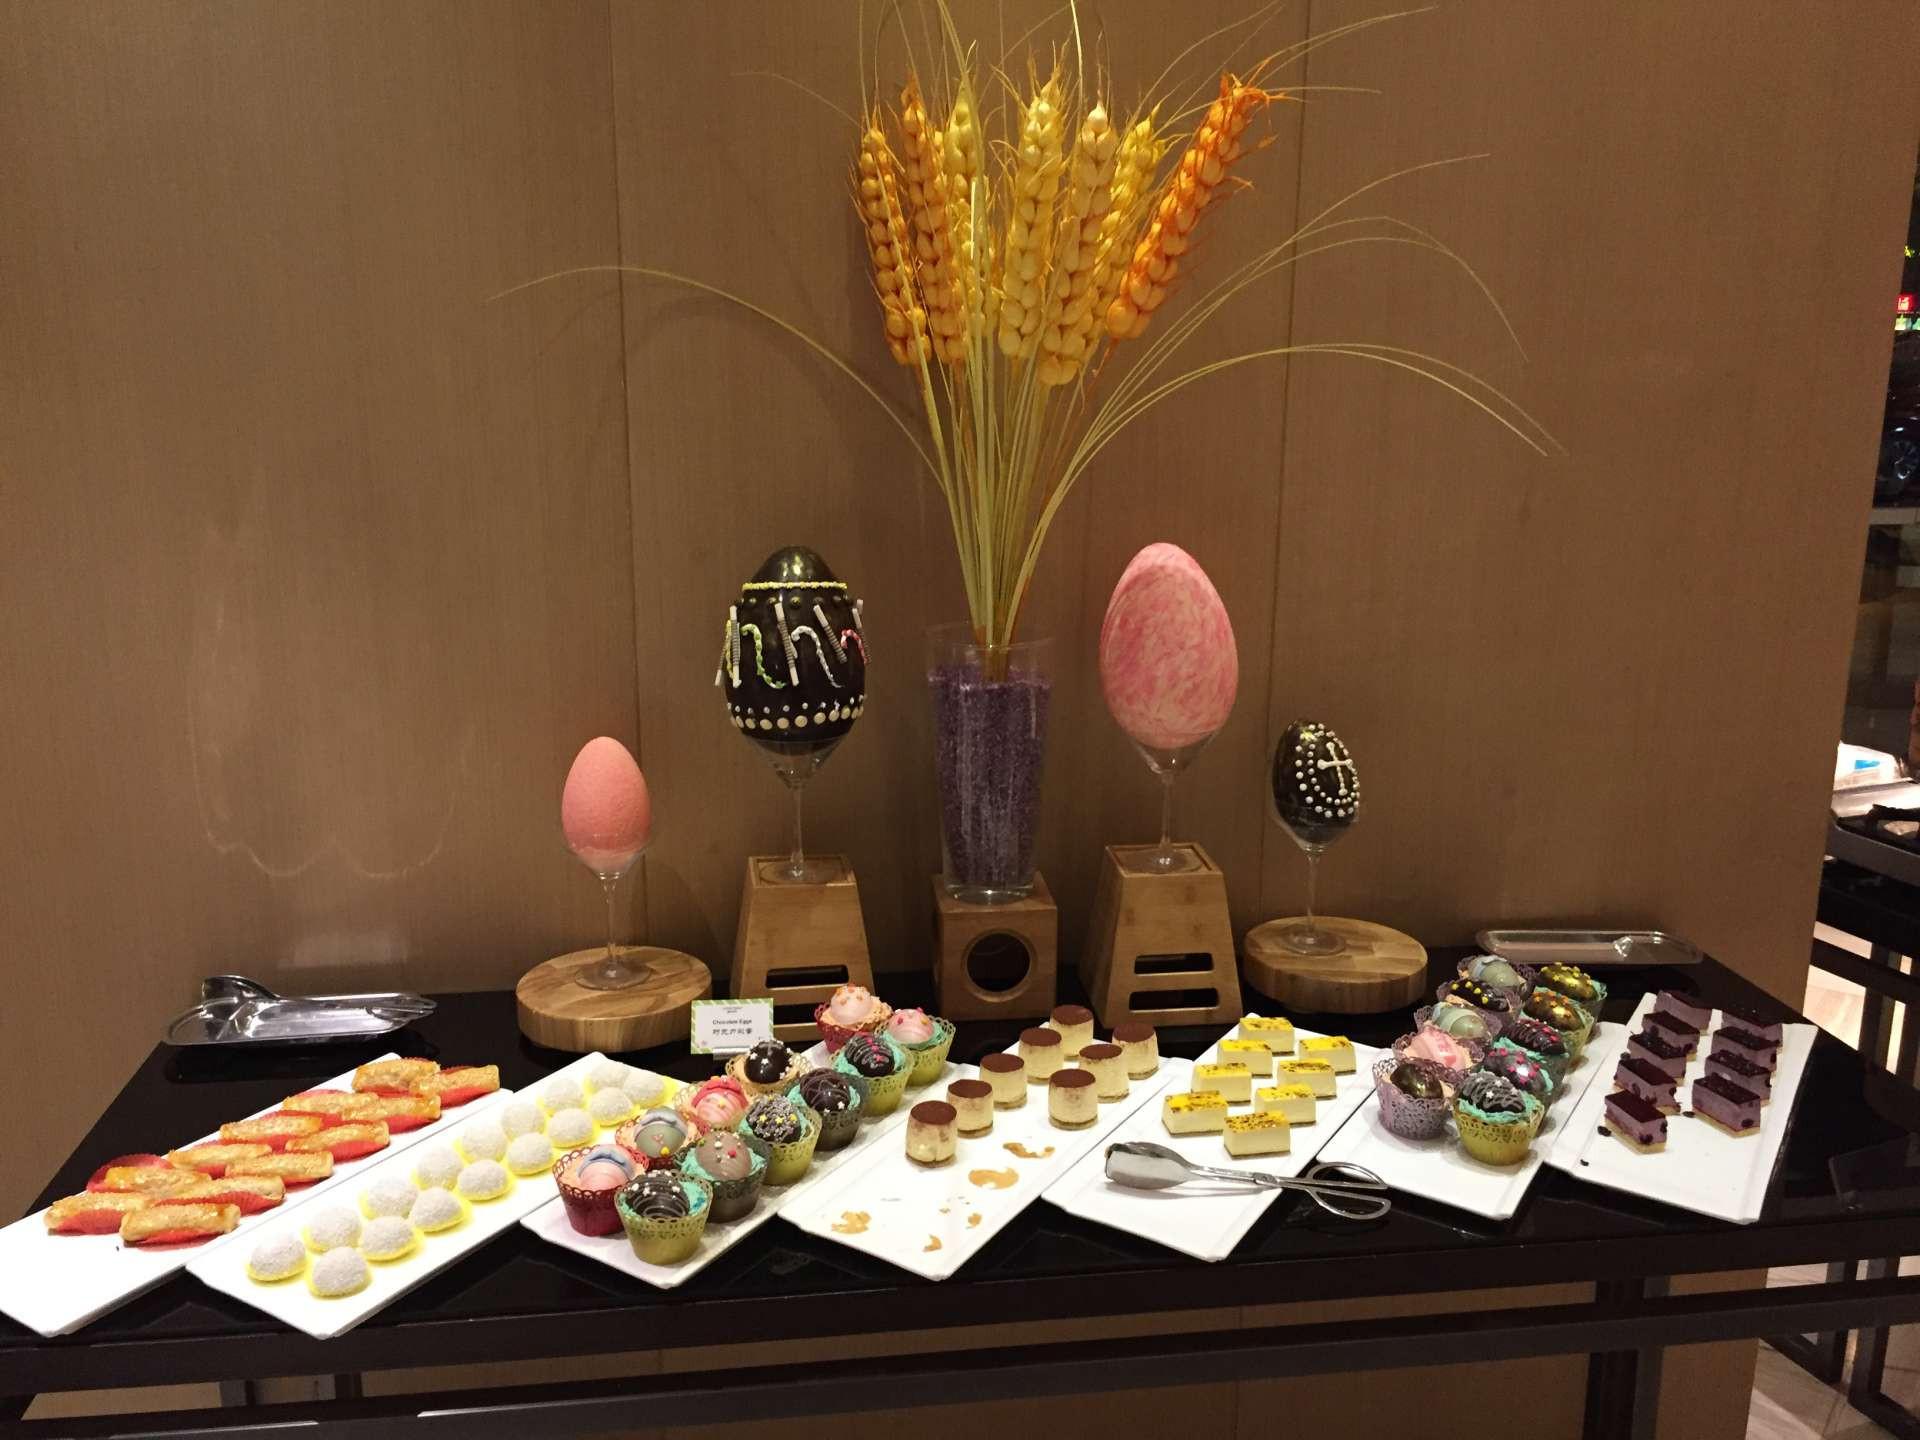 Easter Dinner At Restaurants  Easter dinner at the restaurant – Vakantio